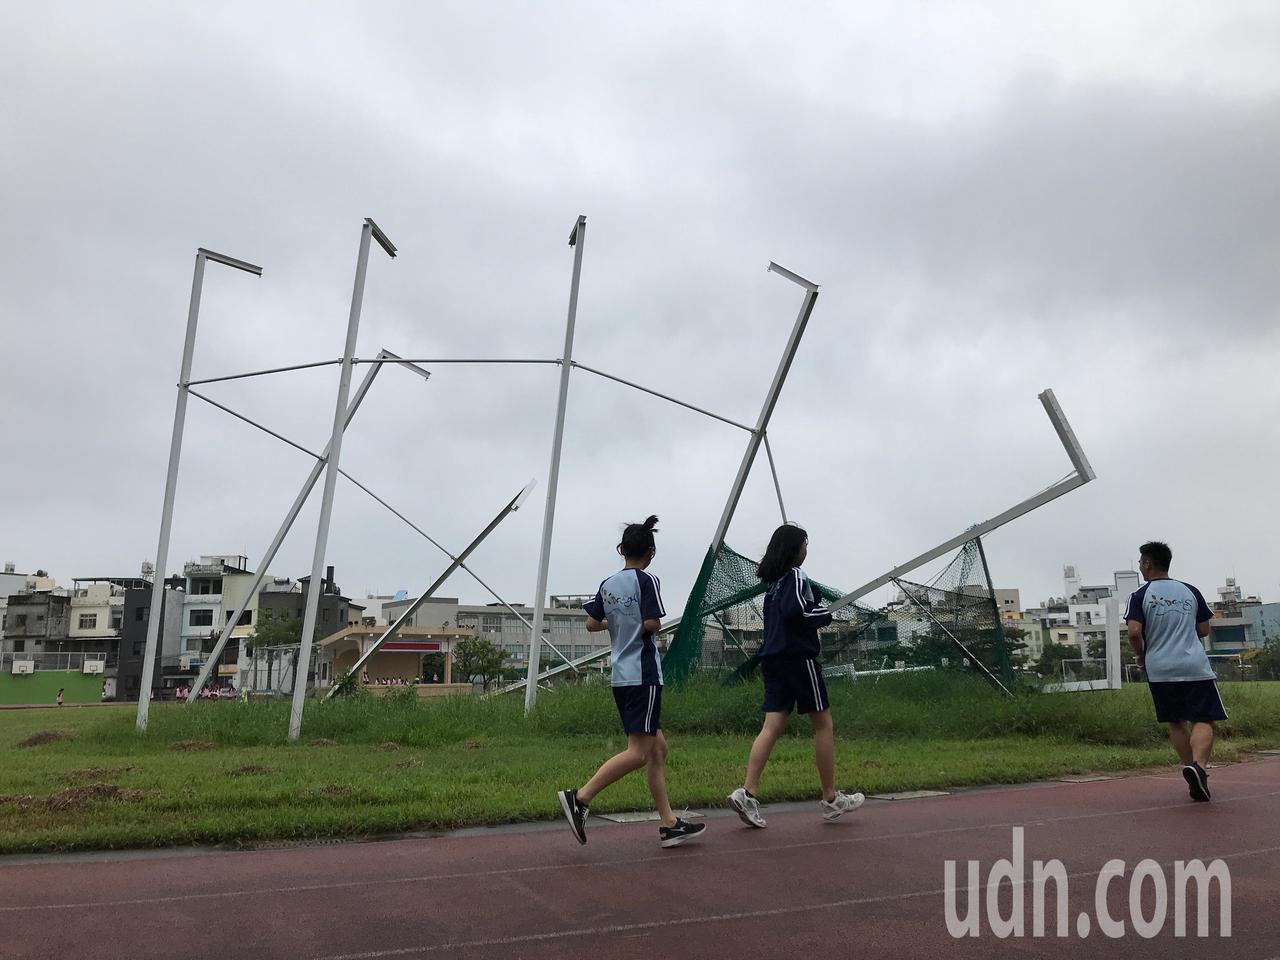 屏東縣東港高中新建置好的投擲場已傾倒3個月未修復,開學後引起不少民眾關注及詢問。...